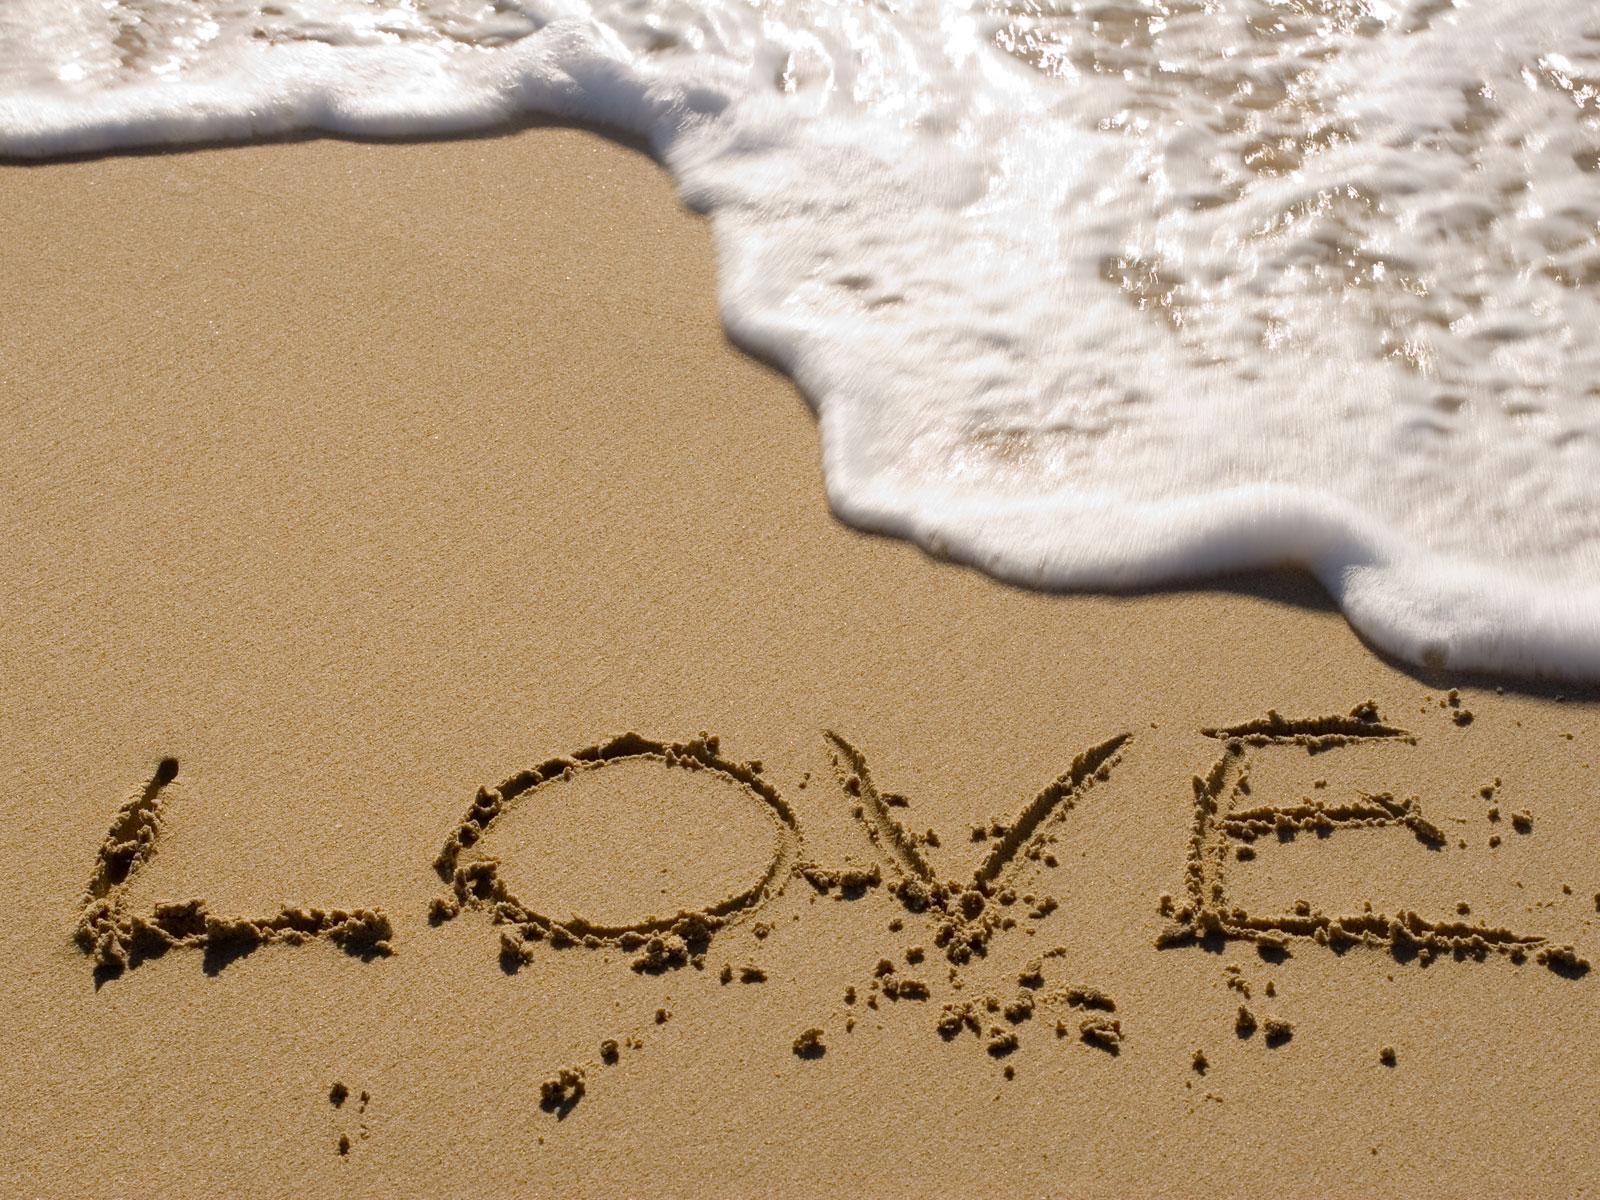 Amour est dans l'air… la vie est belle non